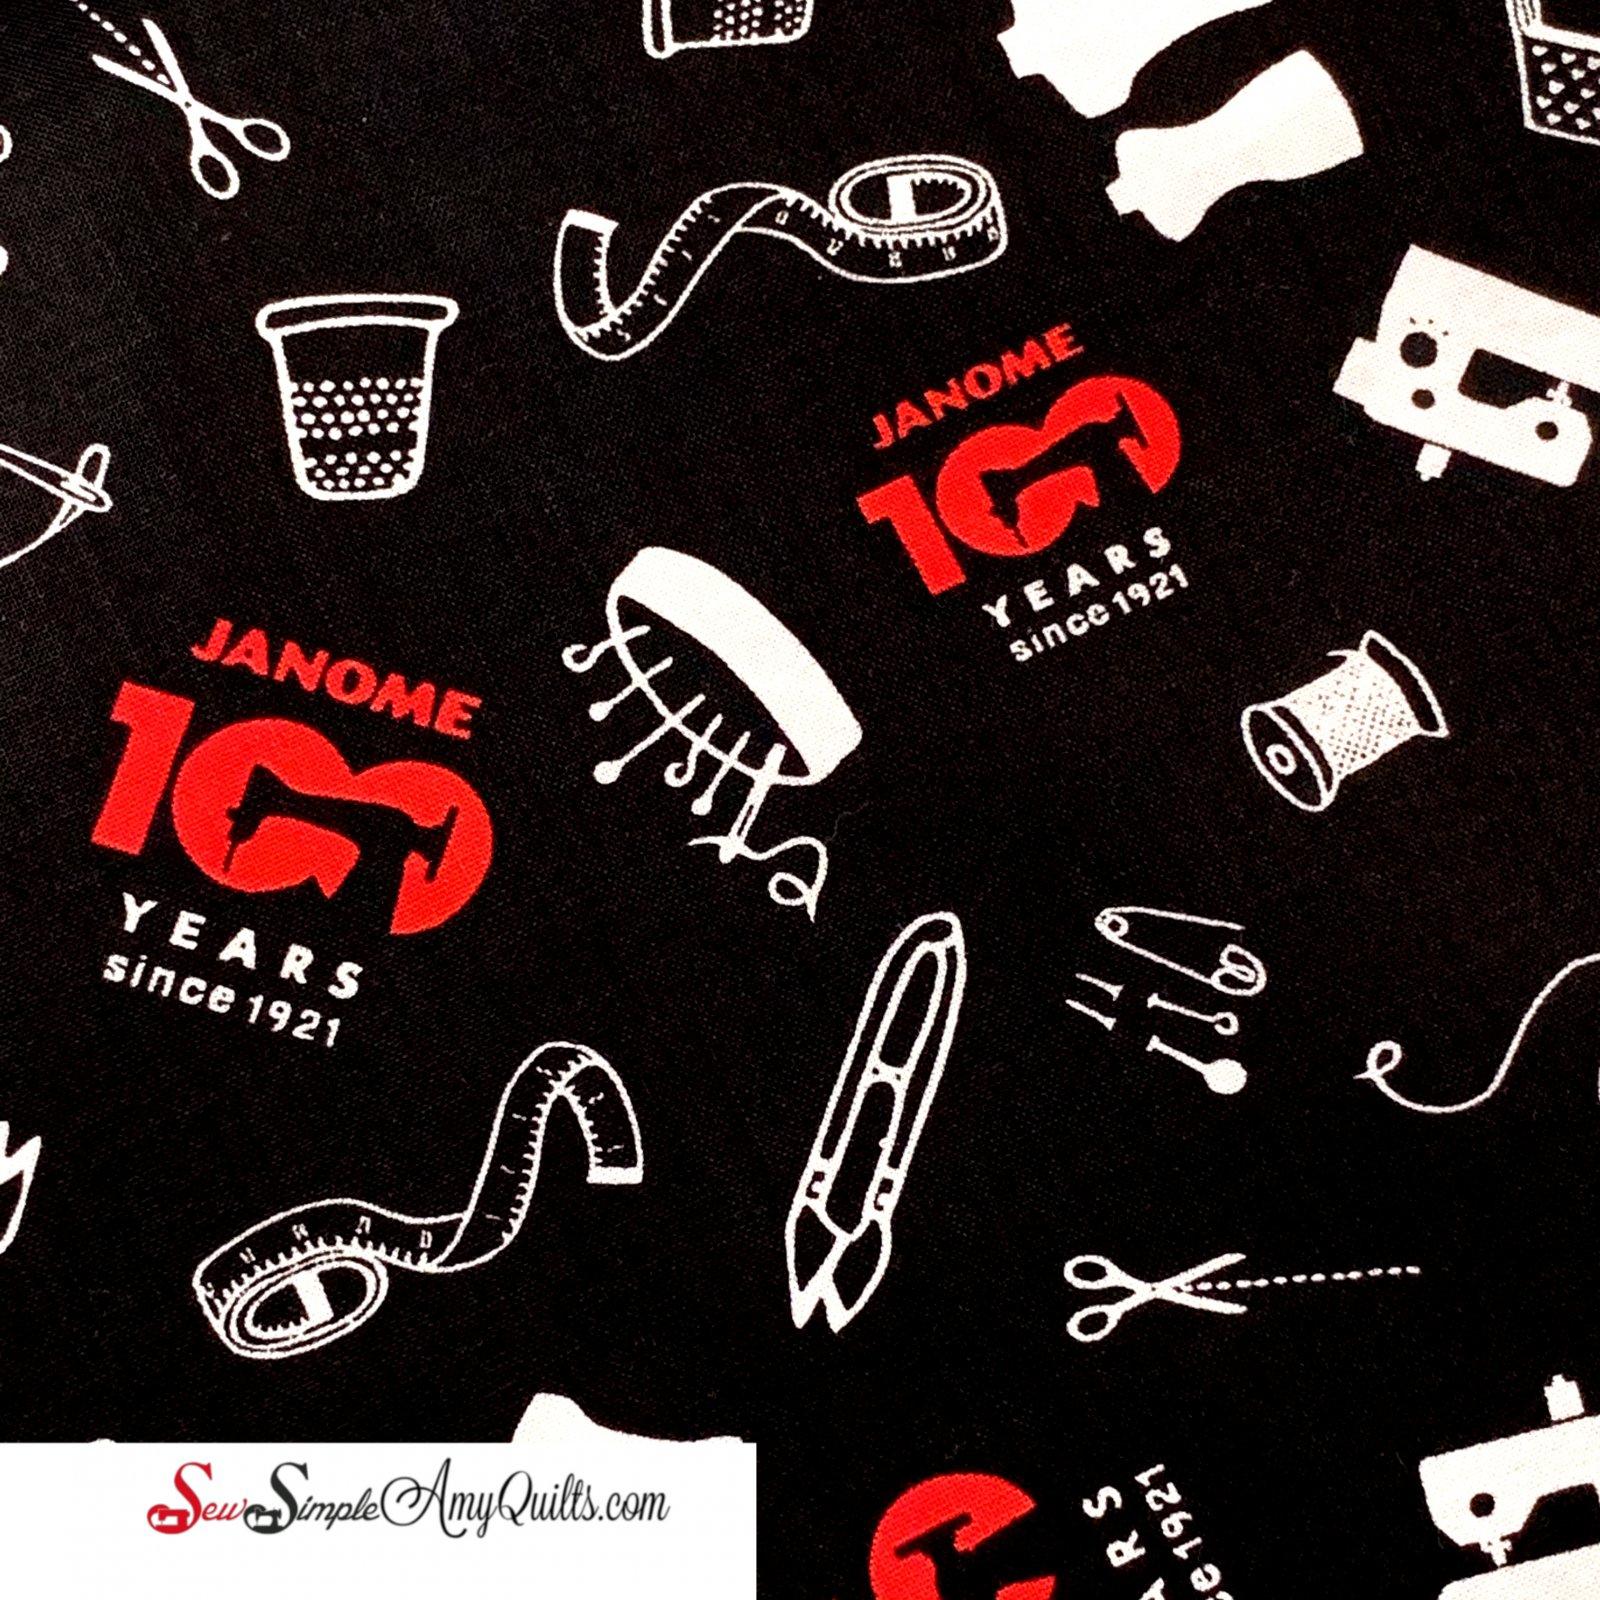 Janome 100 Year Anniversary Fabric